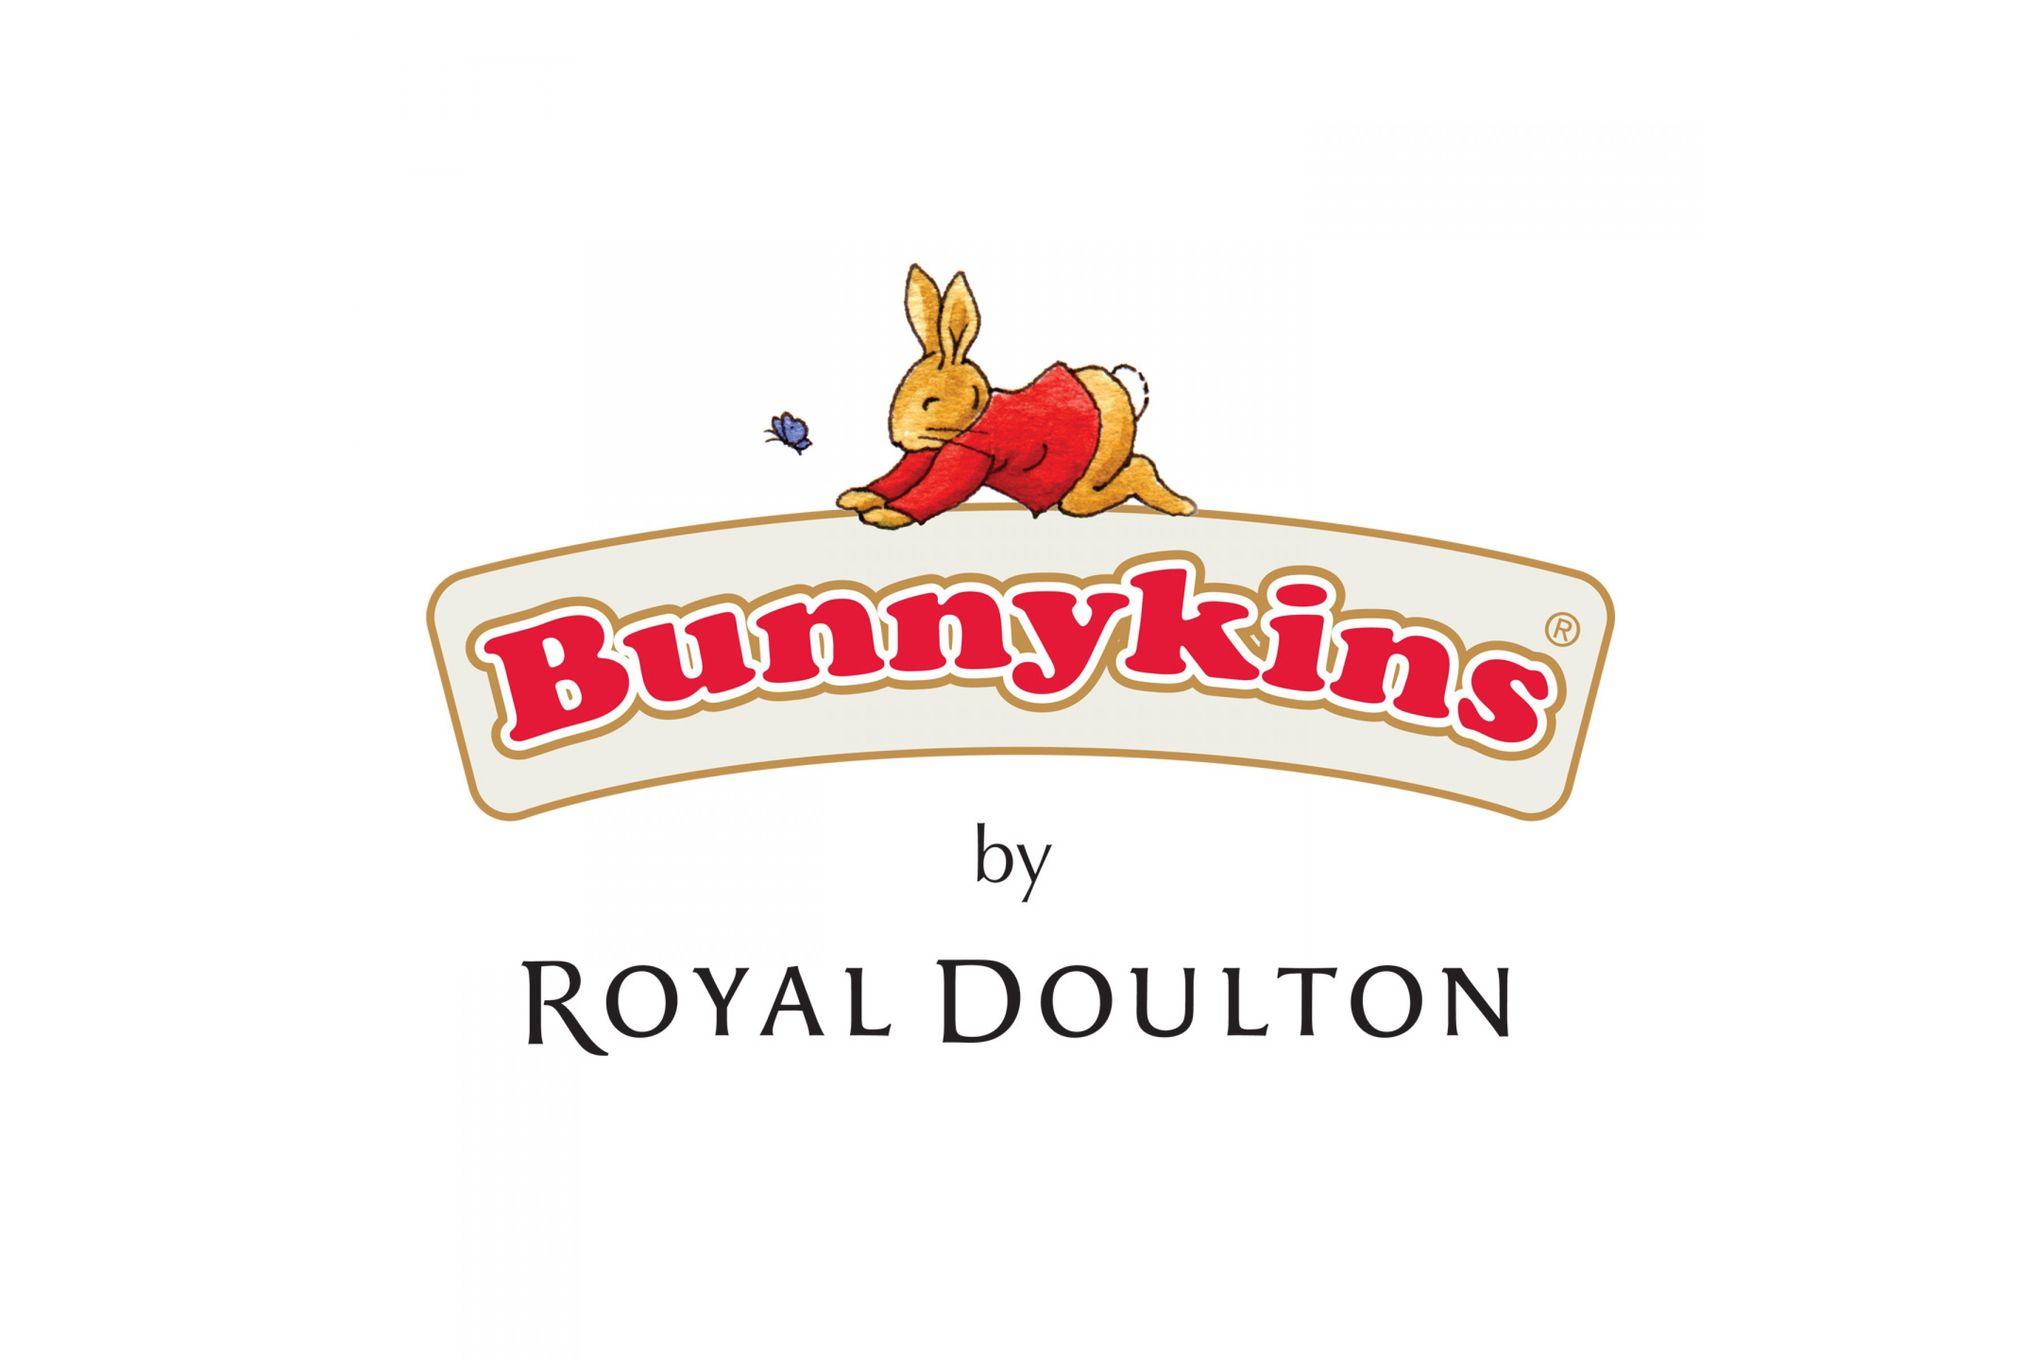 Royal Doulton Bunnykins 3 Piece Set 20cm Plate, Cereal Bowl, 1 Handled Hug-a-Mug thumb 2